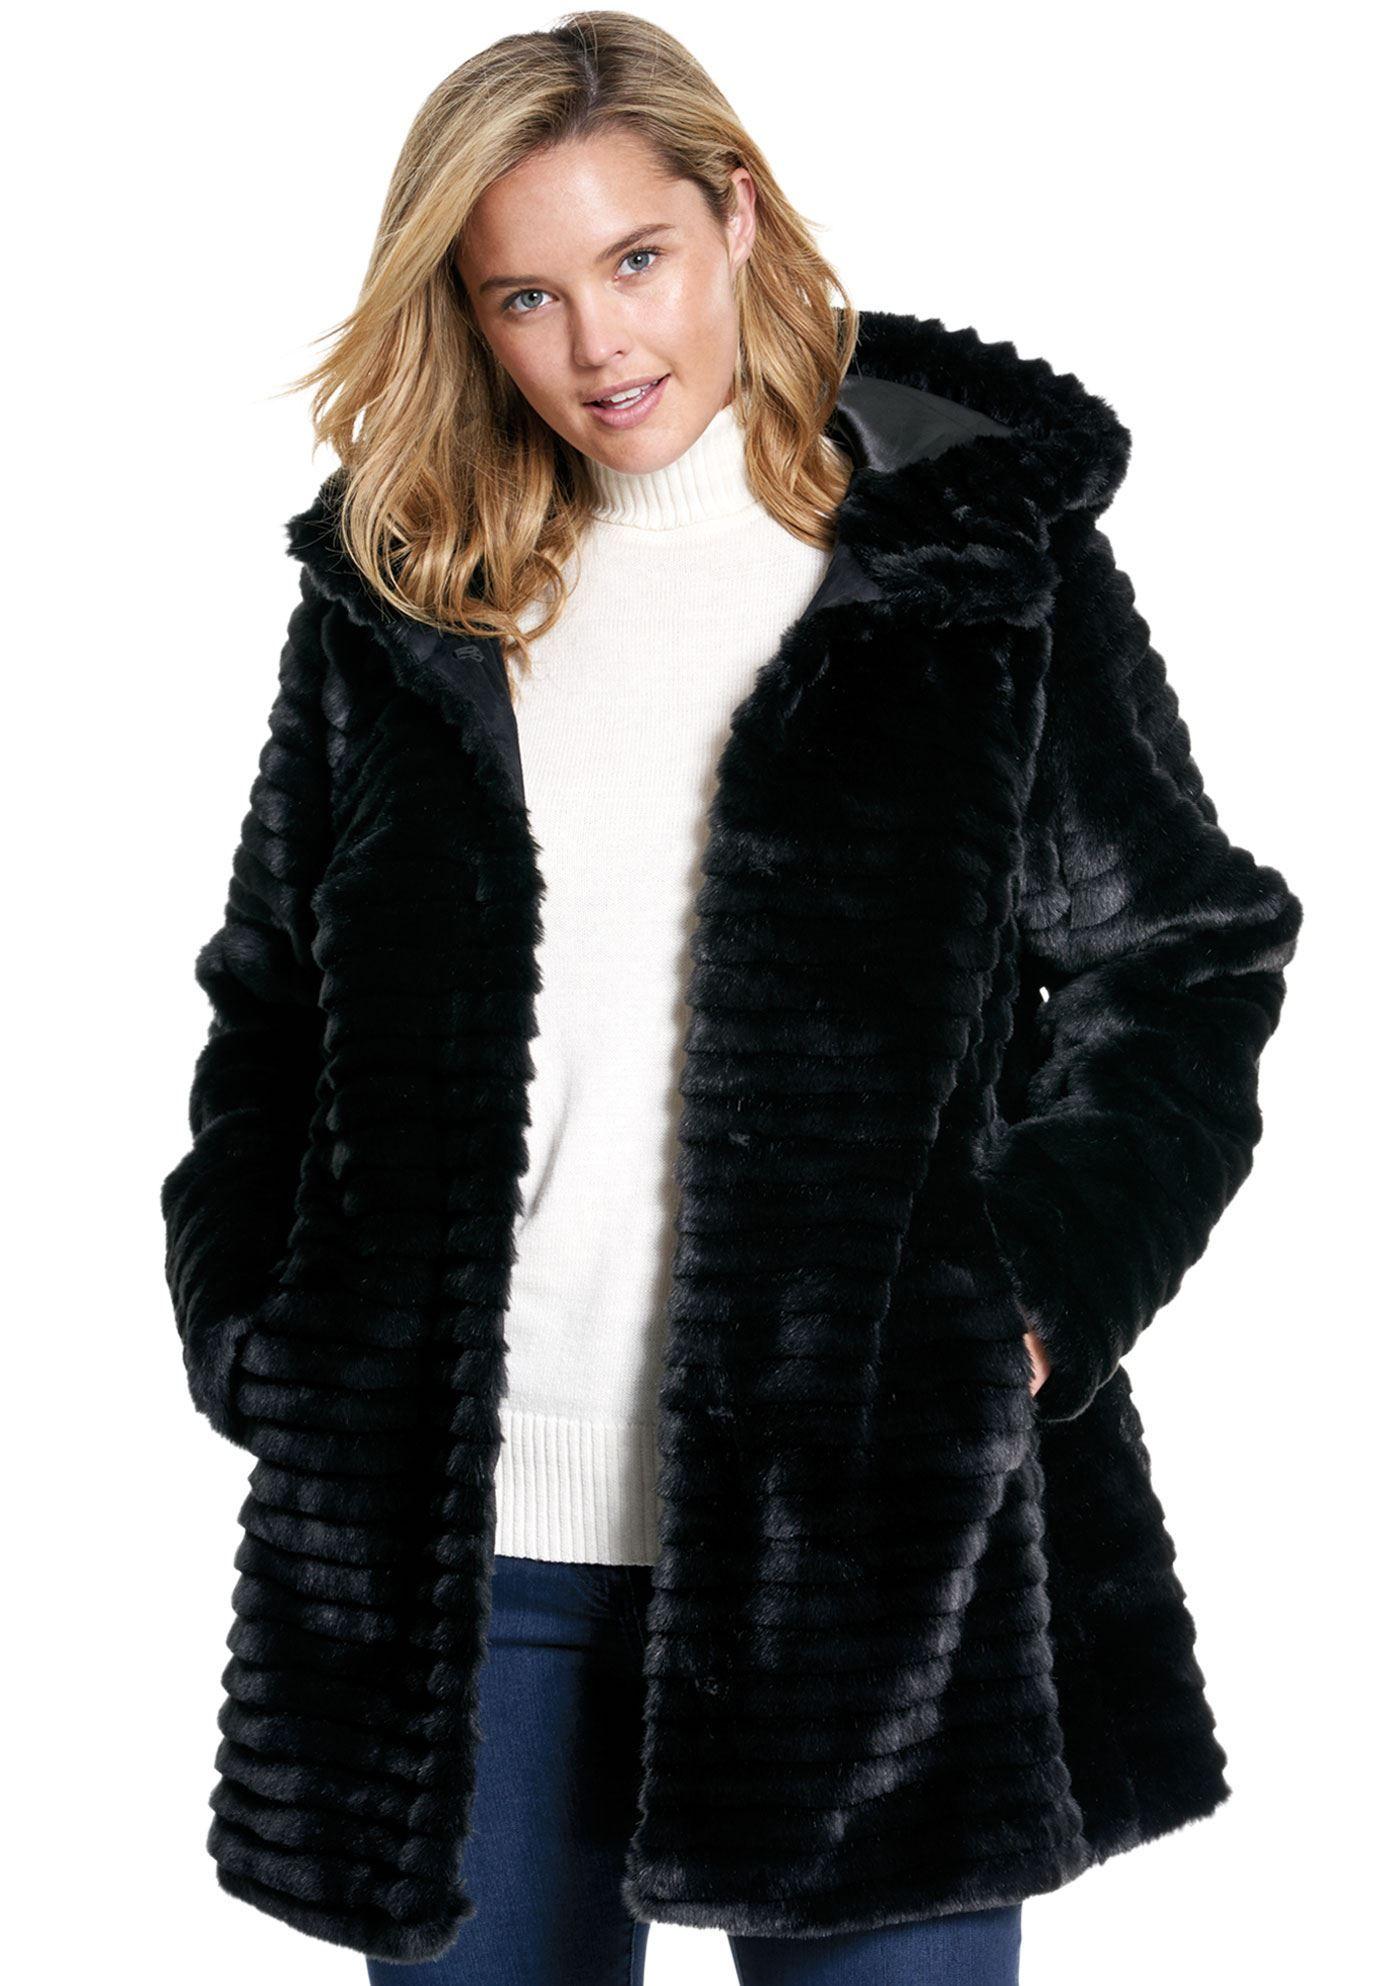 c538d49f3bd77 Faux Fur Coat - Women s Plus Size Clothing